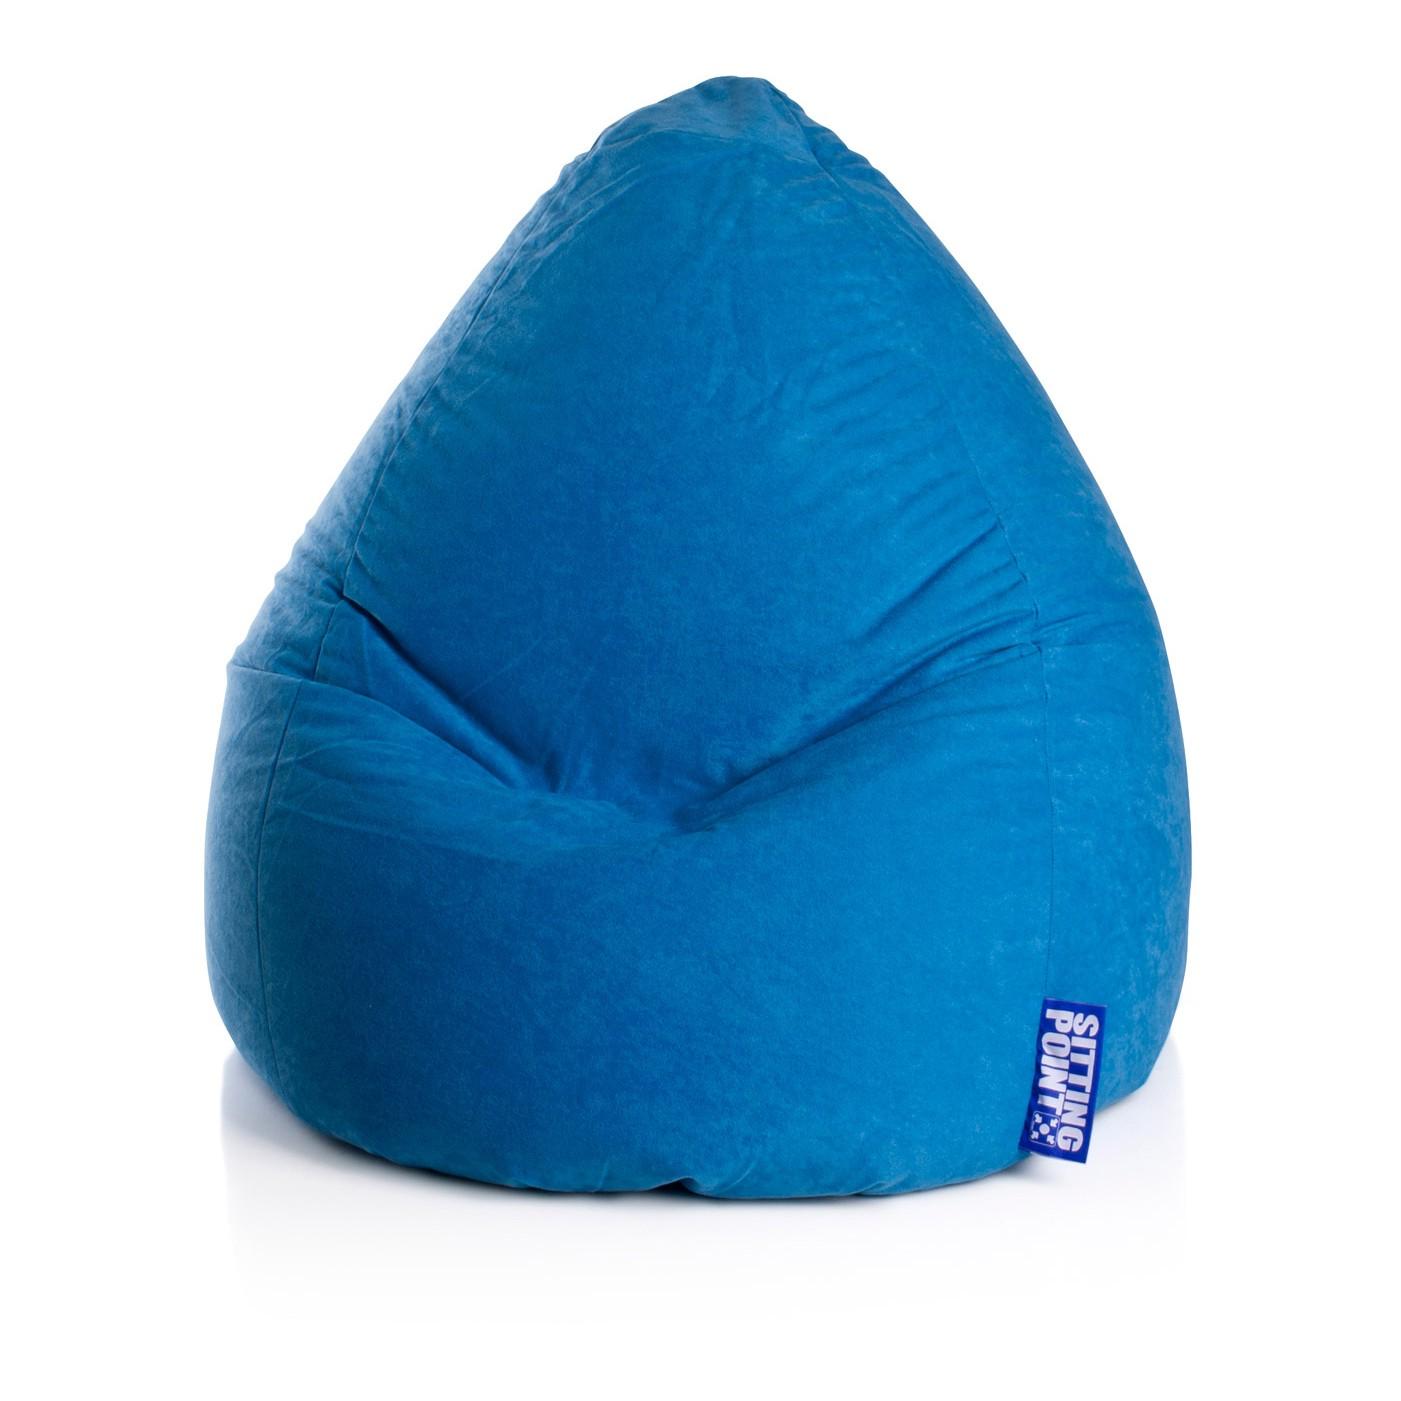 Sitzsack Easy – XXL – Blau, Fredriks günstig